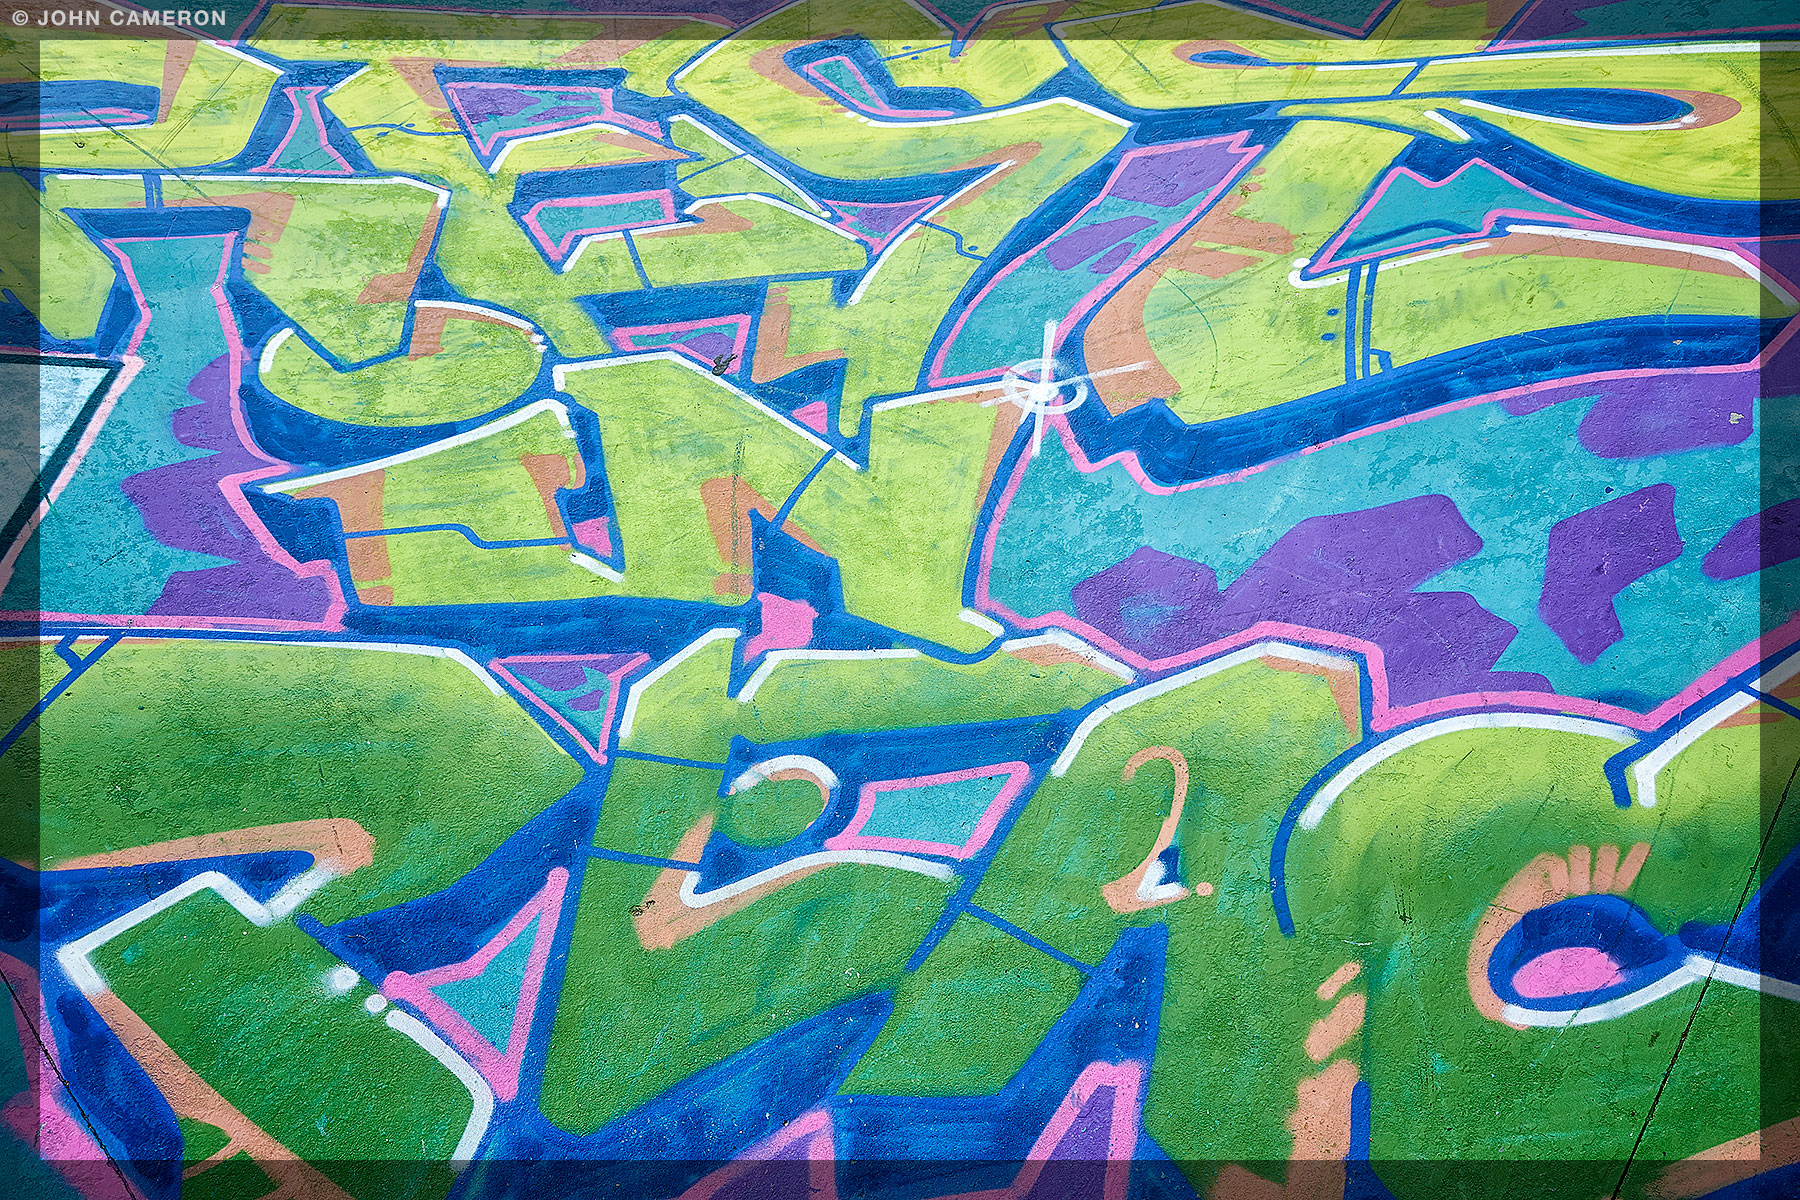 Skatepark Art?